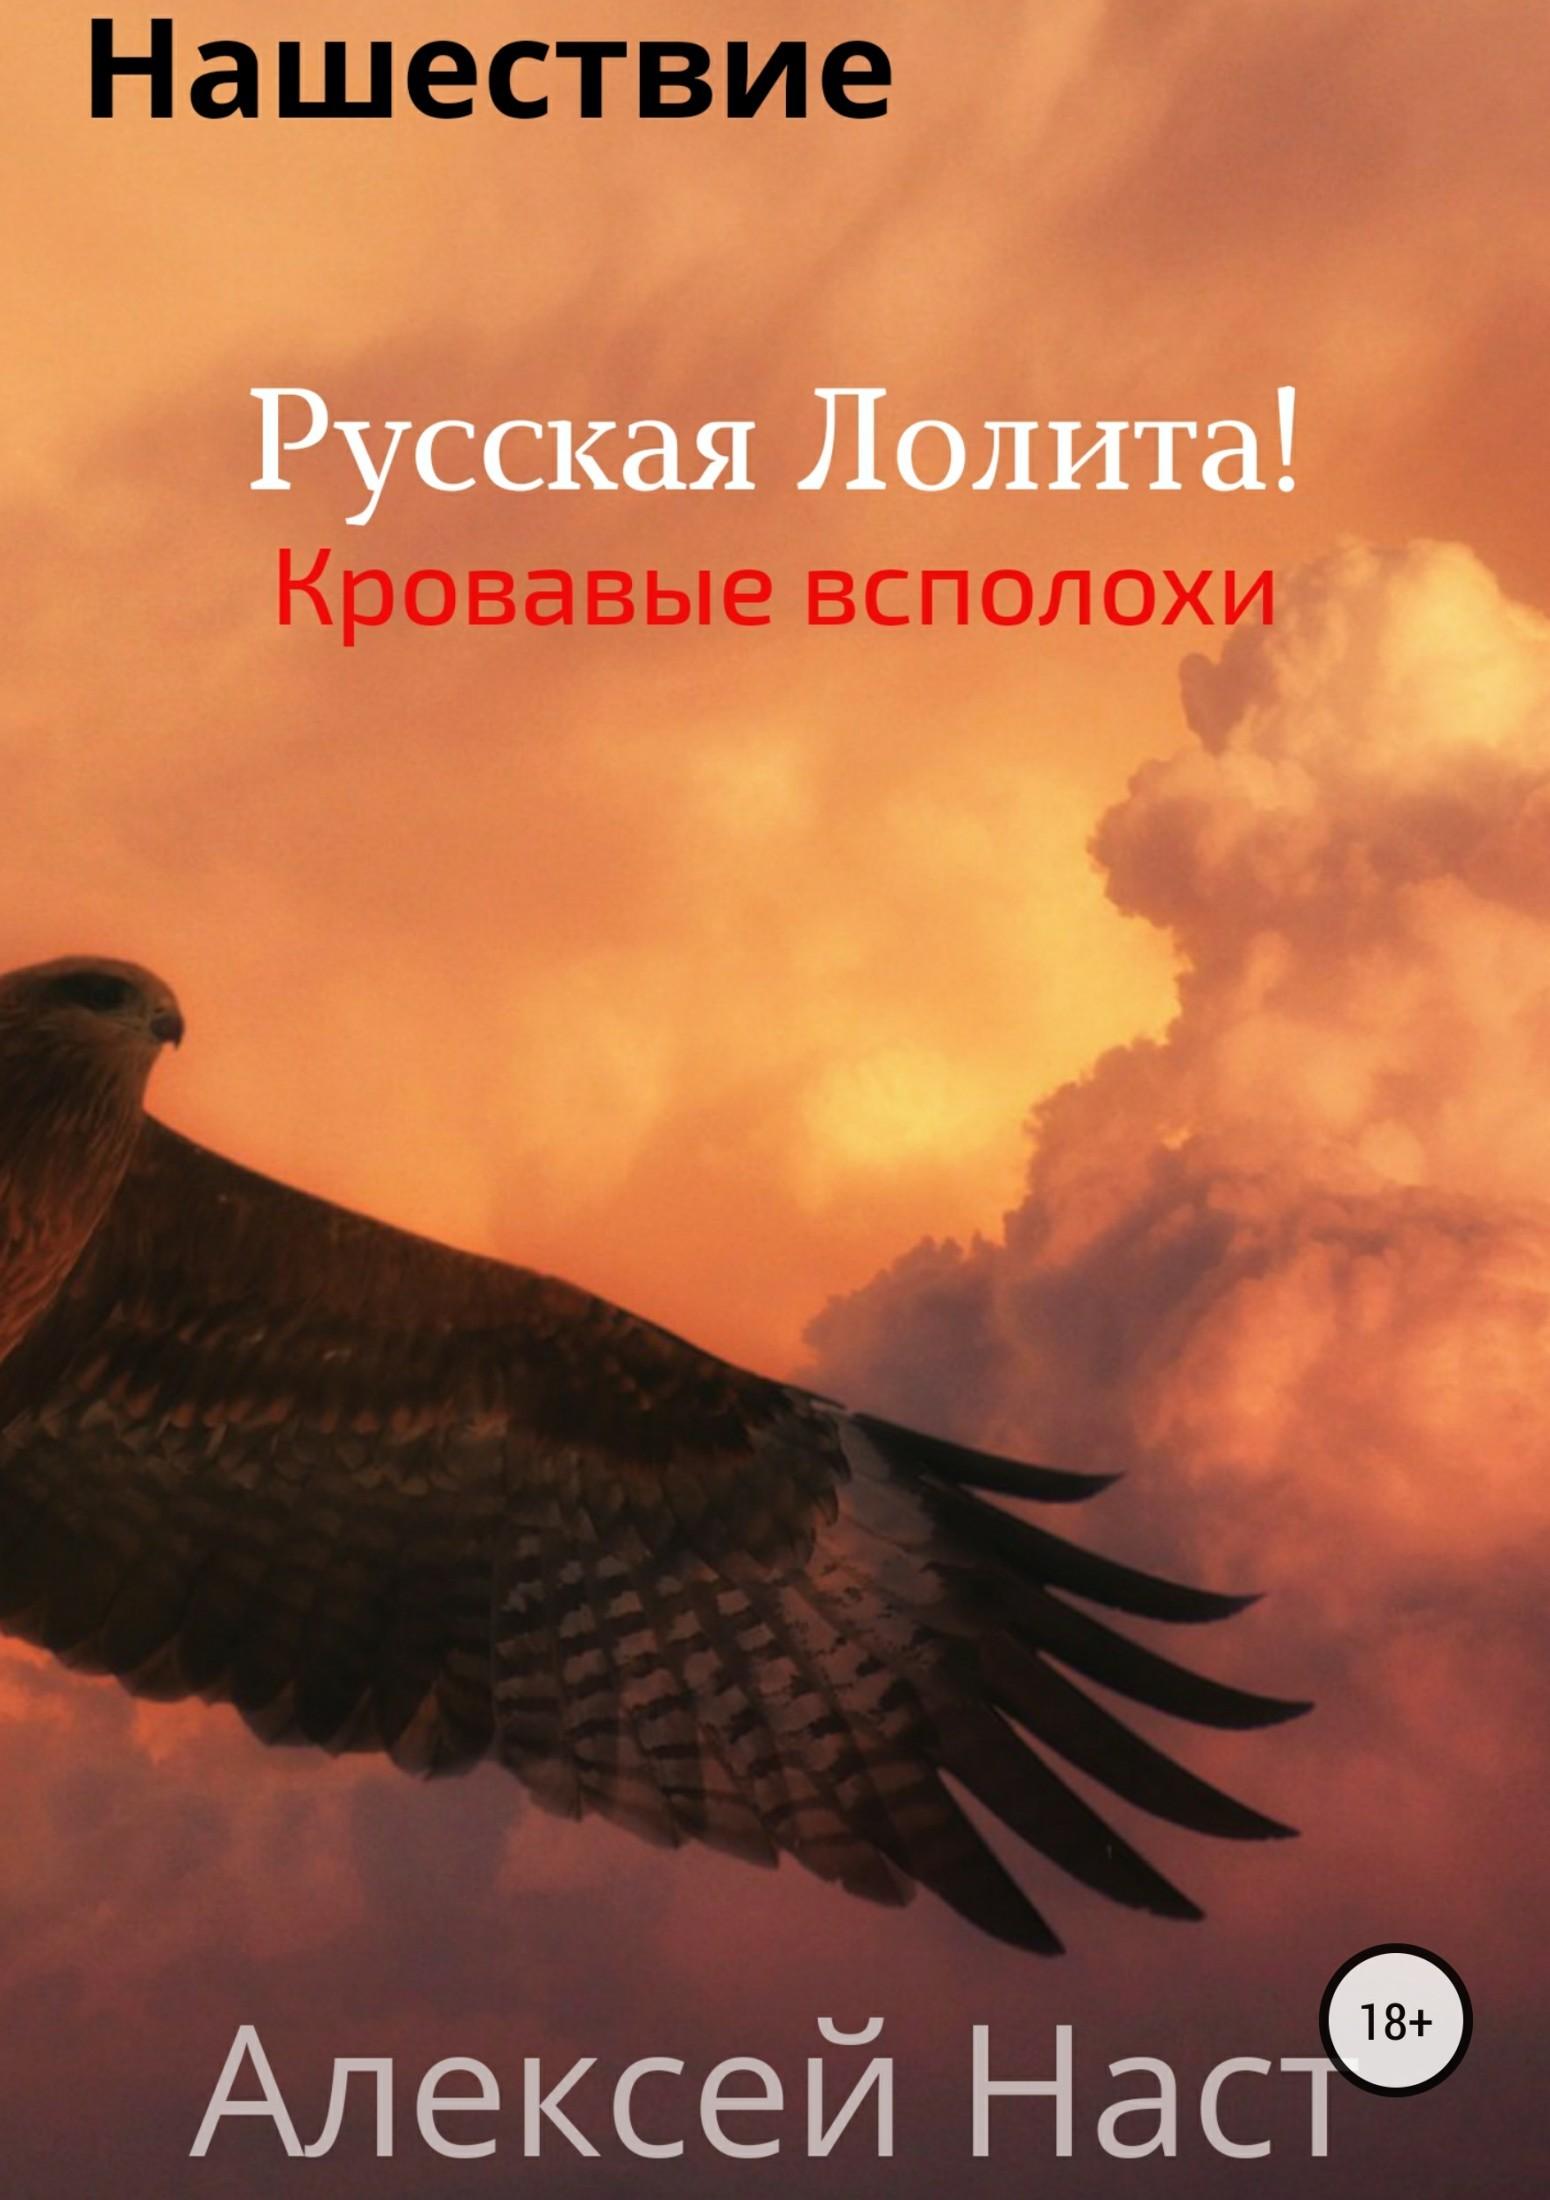 Алексей Наст - Русская Лолита! Кровавые всполохи